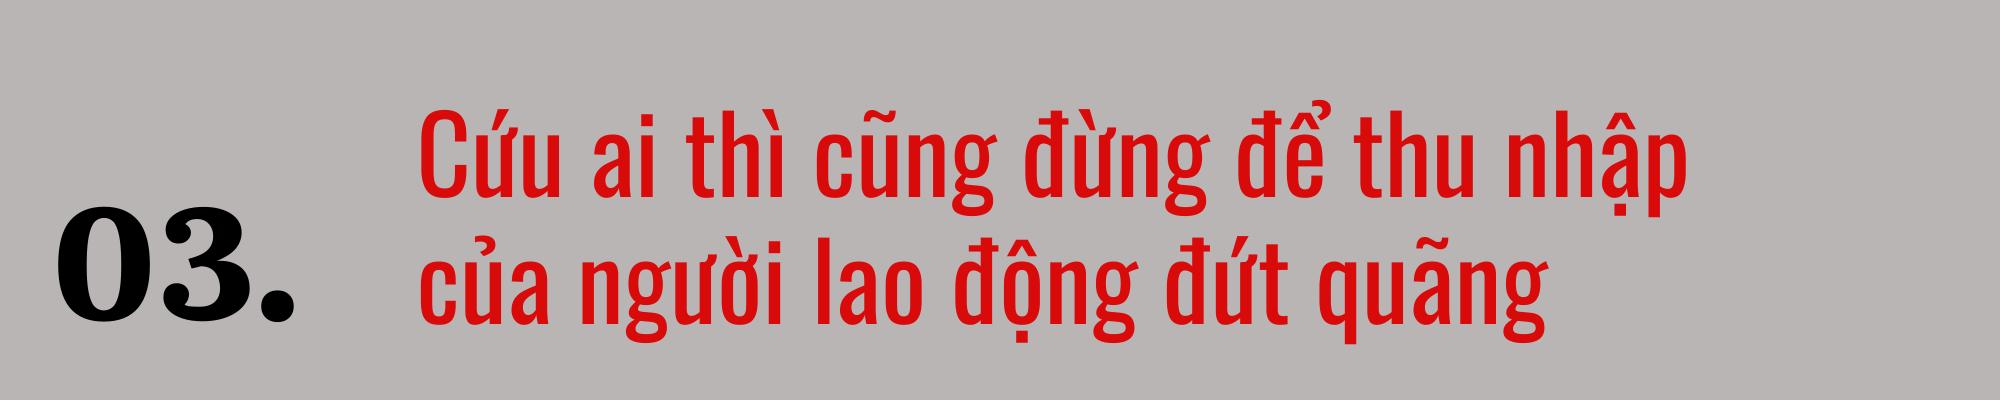 """TS. Nguyễn Đình Cung: """"Về mặt thể chế mà nói, cần một thay đổi thực sự đột phá"""" - Ảnh 4."""